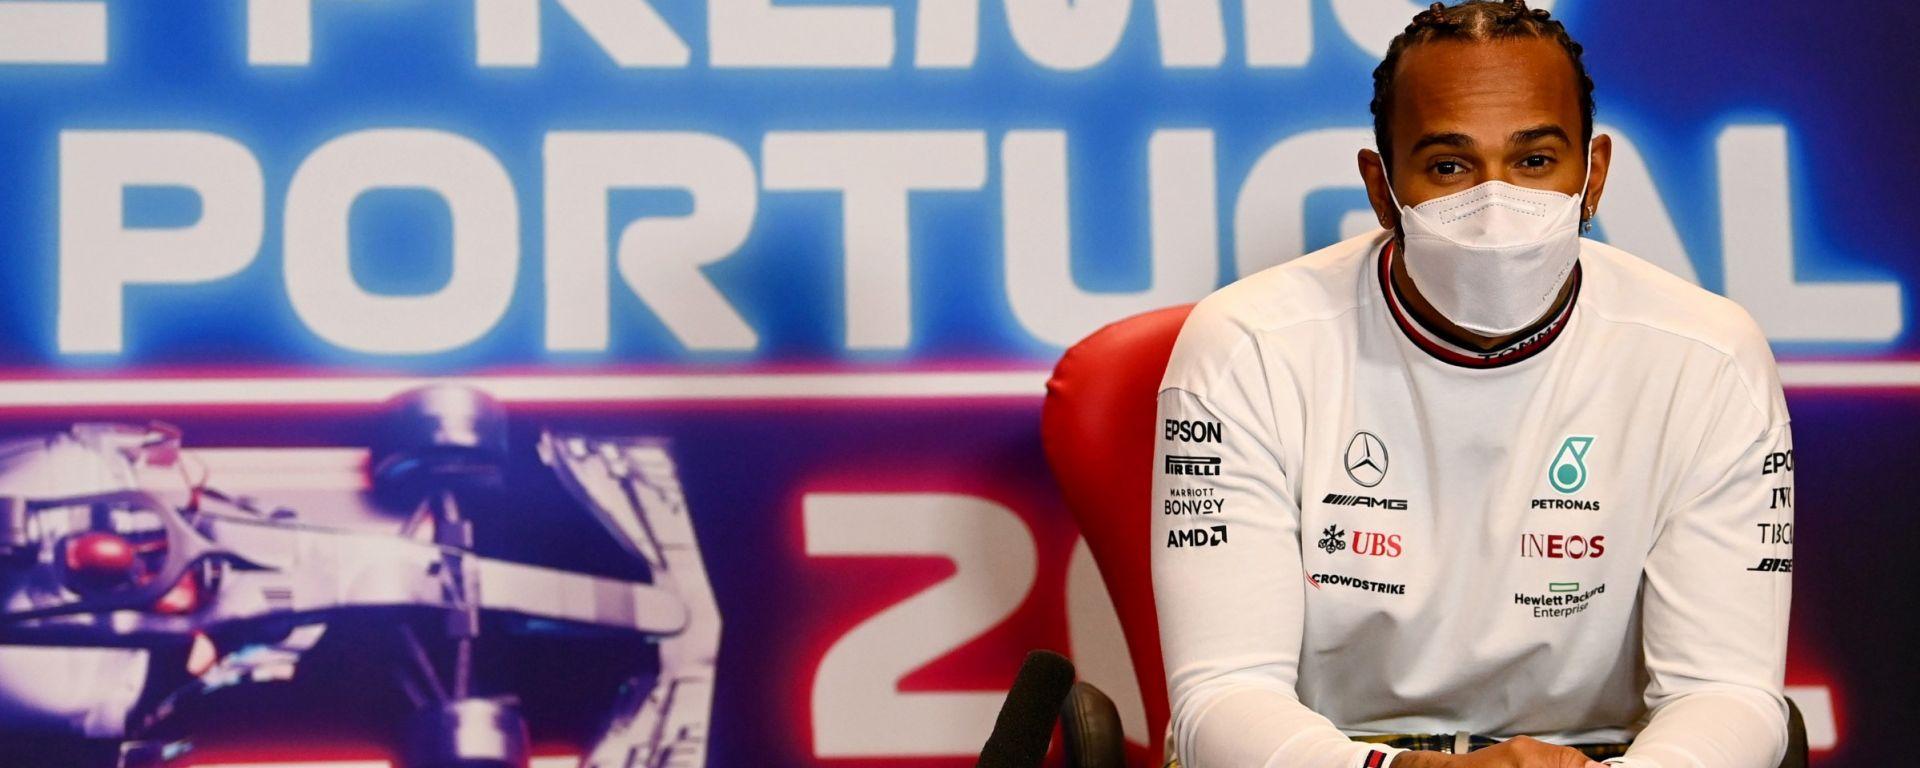 F1, GP Portogallo 2021: Lewis Hamilton (Mercedes)